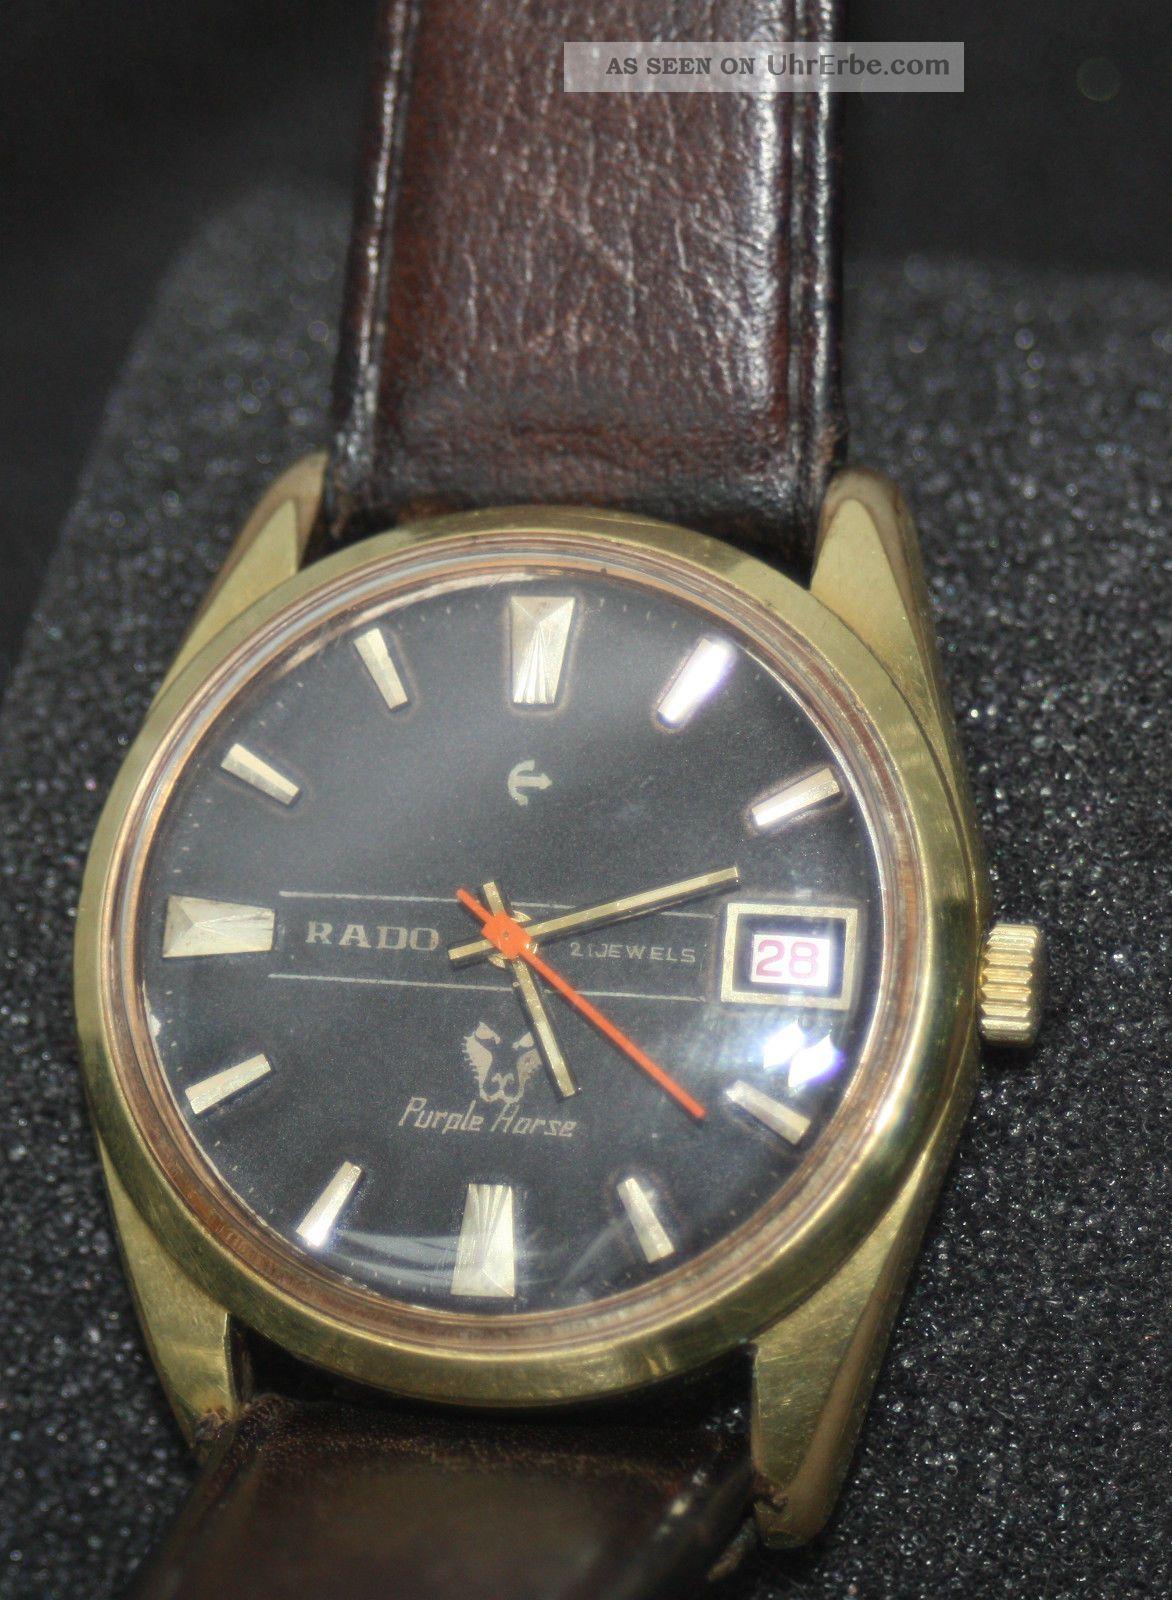 Alte Luxusuhr Der Edelmarke - Rado - Aus Den 50ern Armbanduhren Bild